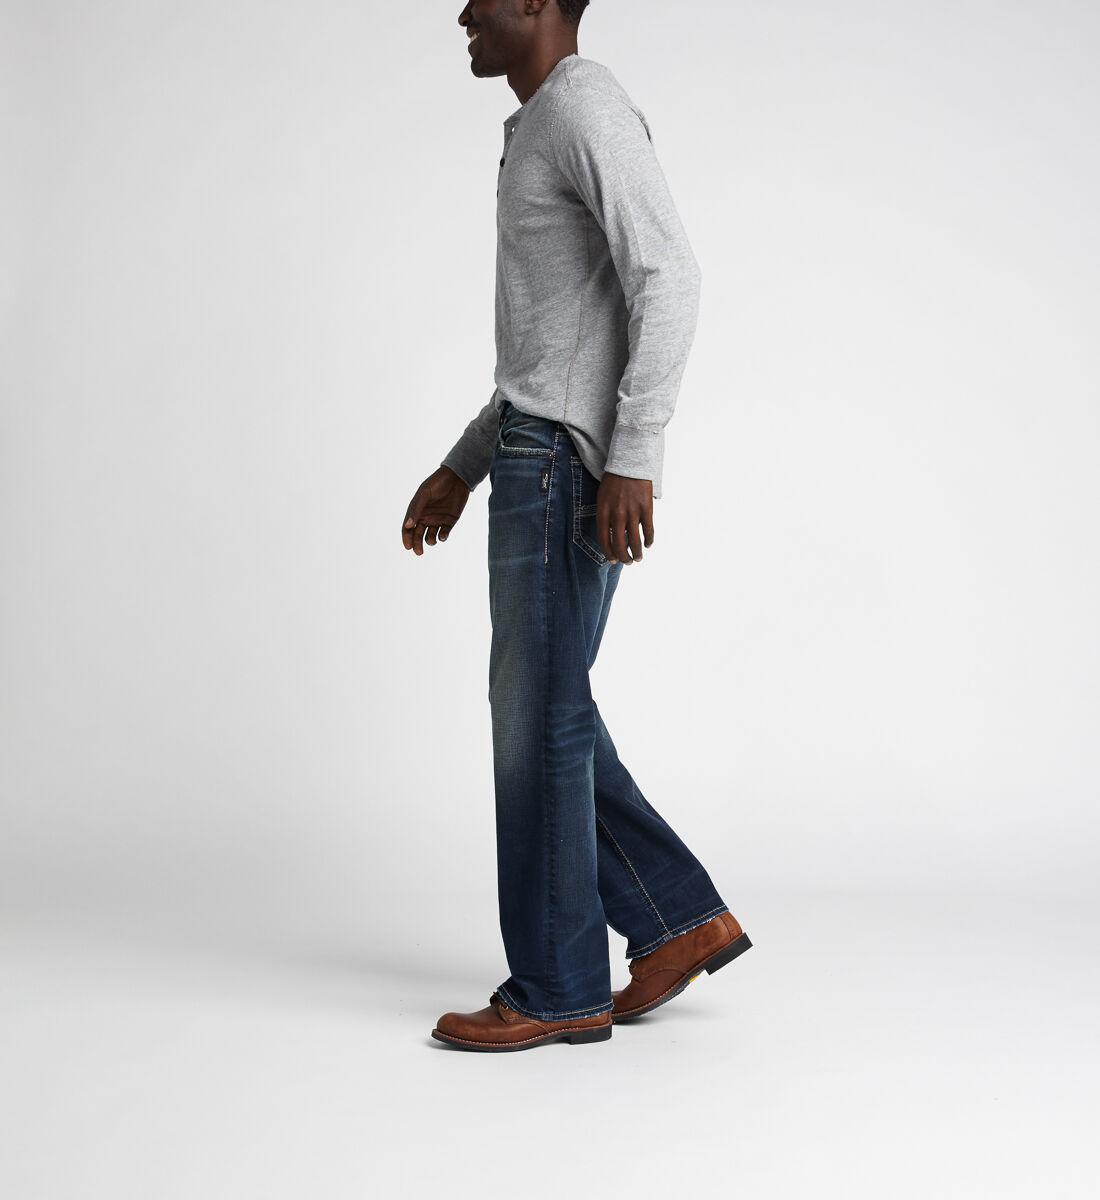 Gordie Loose Fit Straight Jeans,Indigo Side